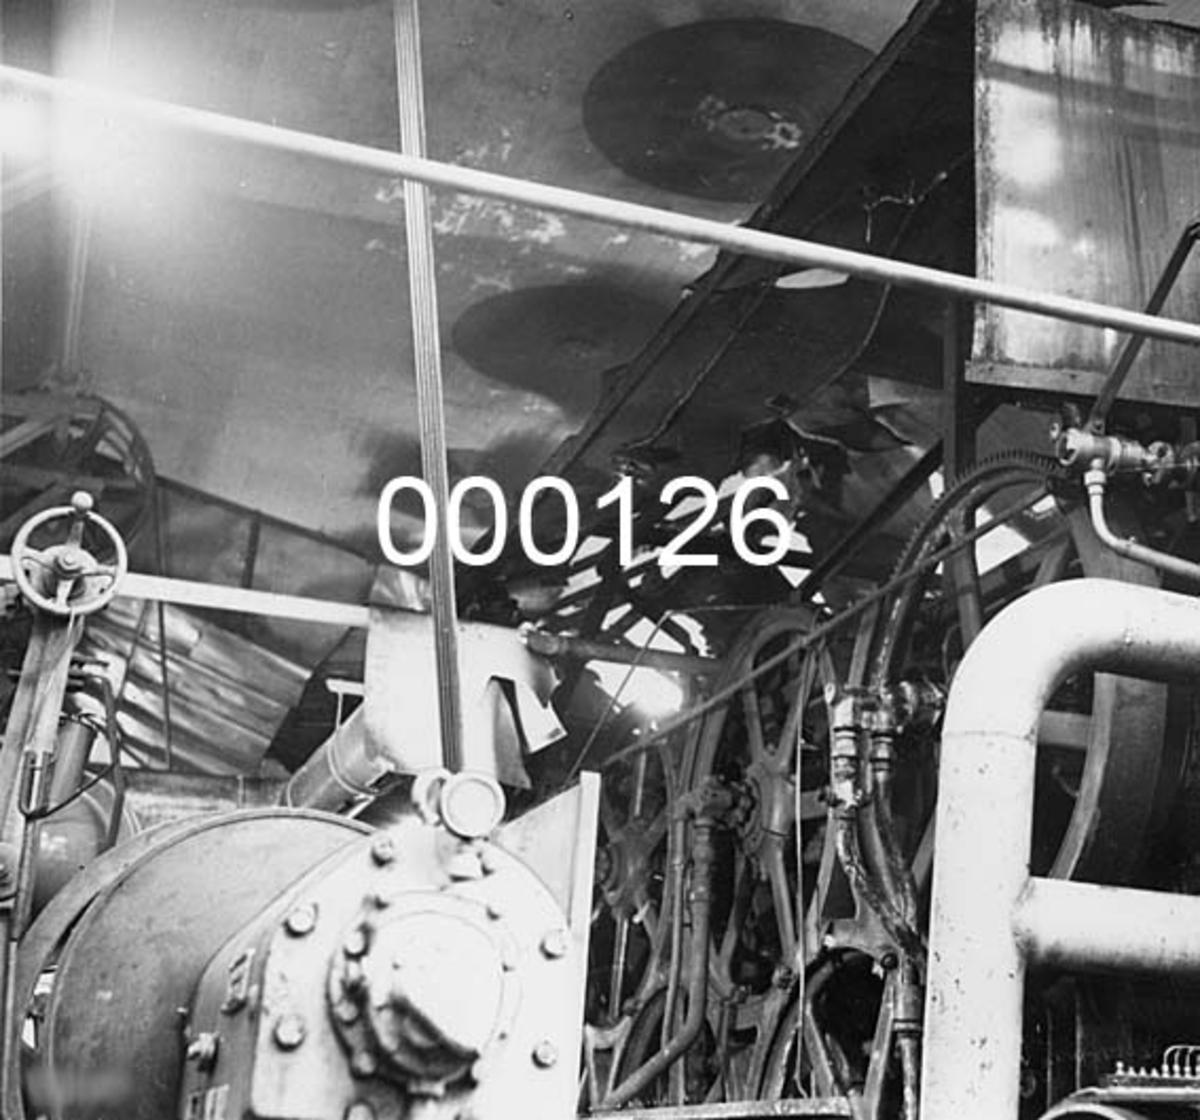 Interiørbilde fra Drammenselvens Papirfabrikker på Geithus på Modum i Buskerud.  Fotografiet viser en del av PM III slik det så ut etter en mindre brann i januar 1961.  Brannen oppsto i 2. sylinderparti.  Brannvesenet var raskt på pletten og skadene ble begrenset til et par filtrer og noe av hetta over maskinen.